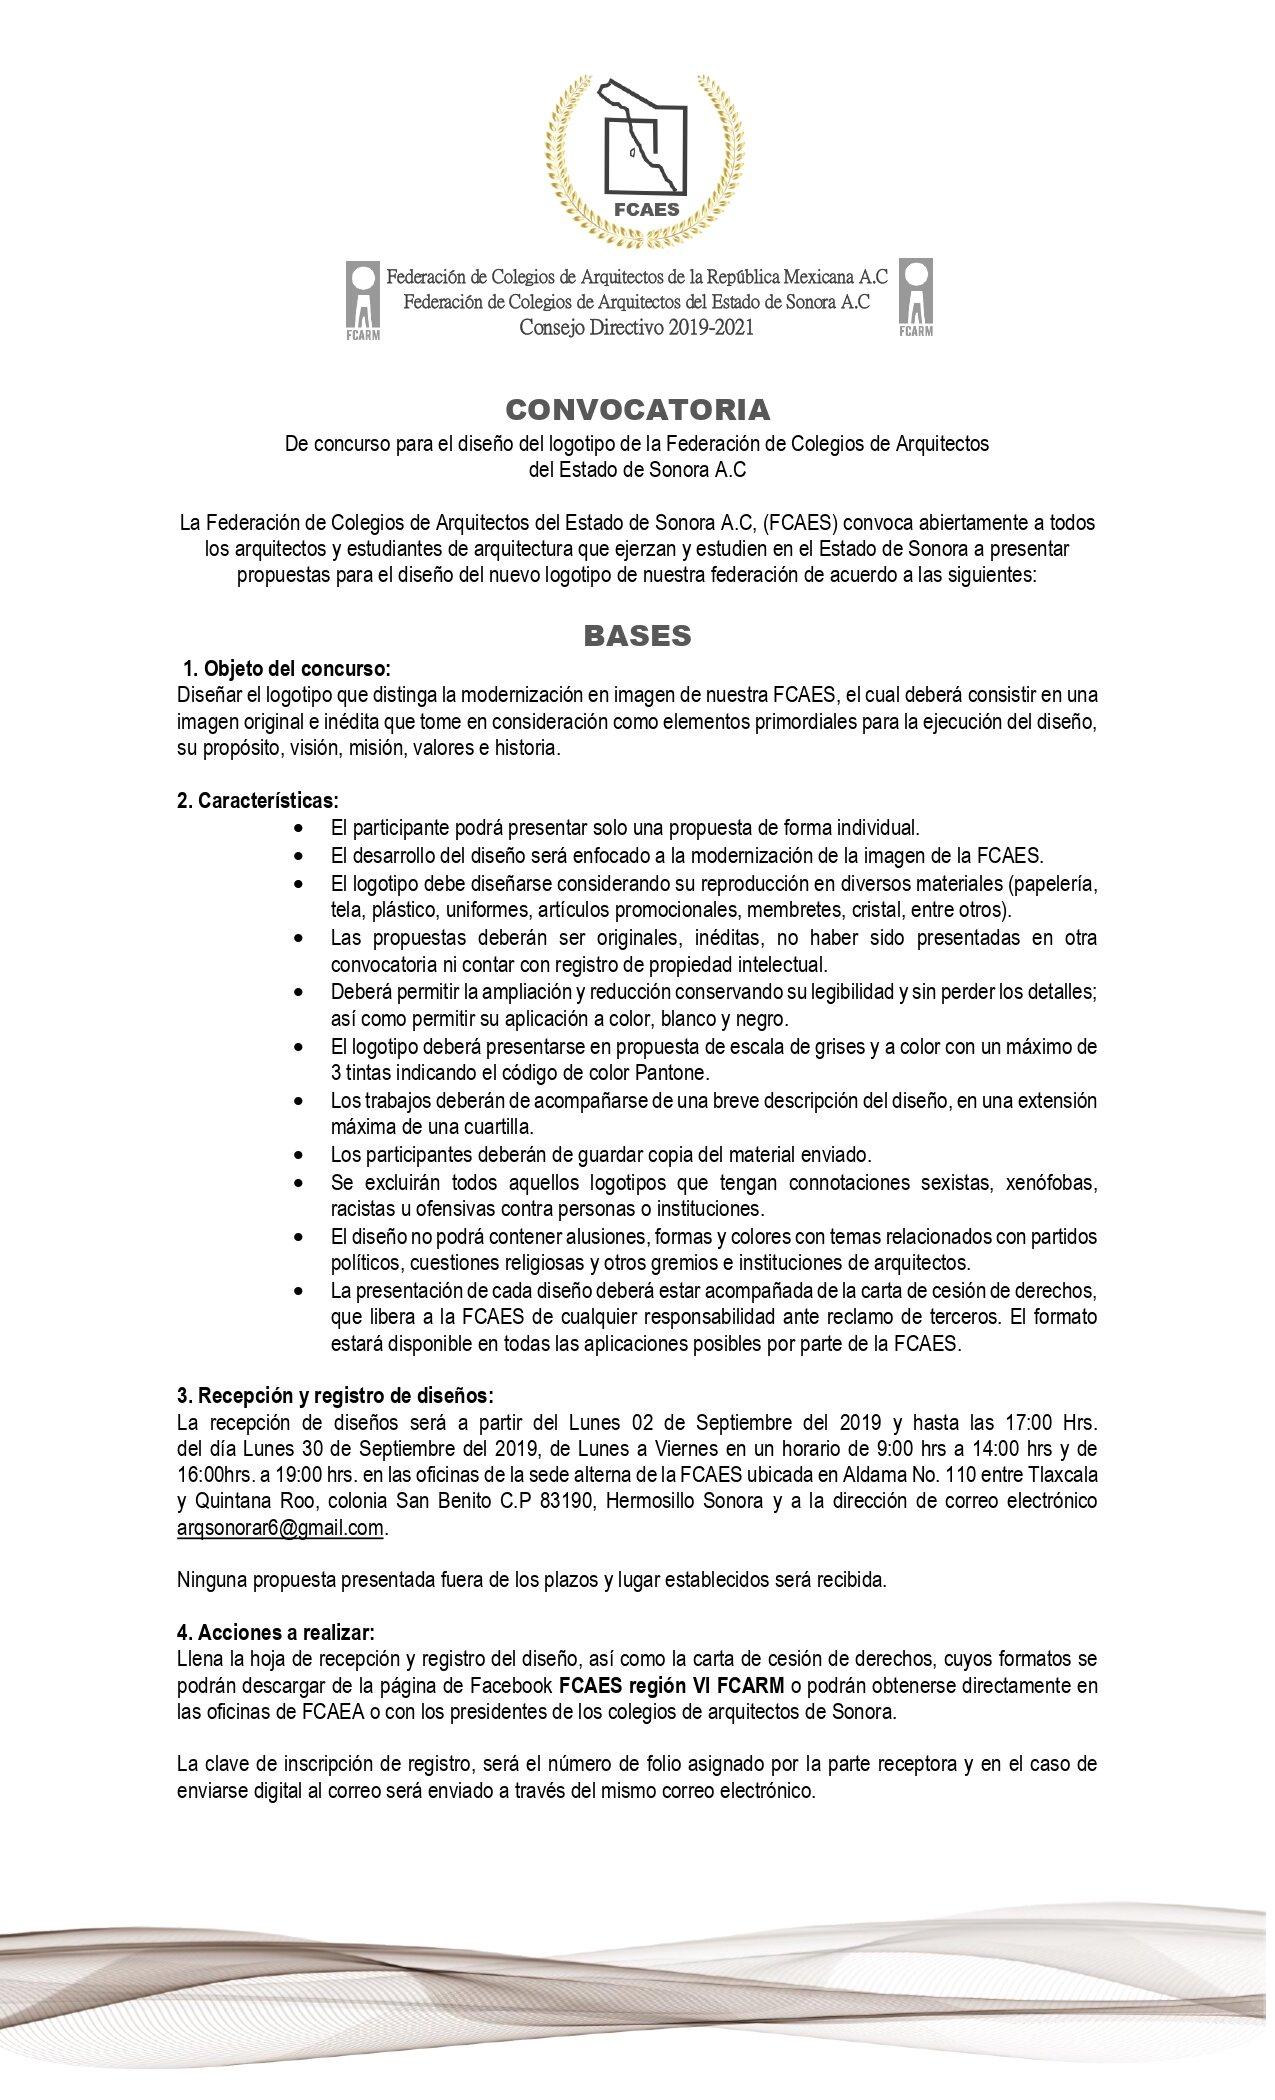 CONVOCATORIA ABIERTA A ARQUITECTOS Y ESTUDIANTES LOGOTIPO FCAES_page-0001.jpg